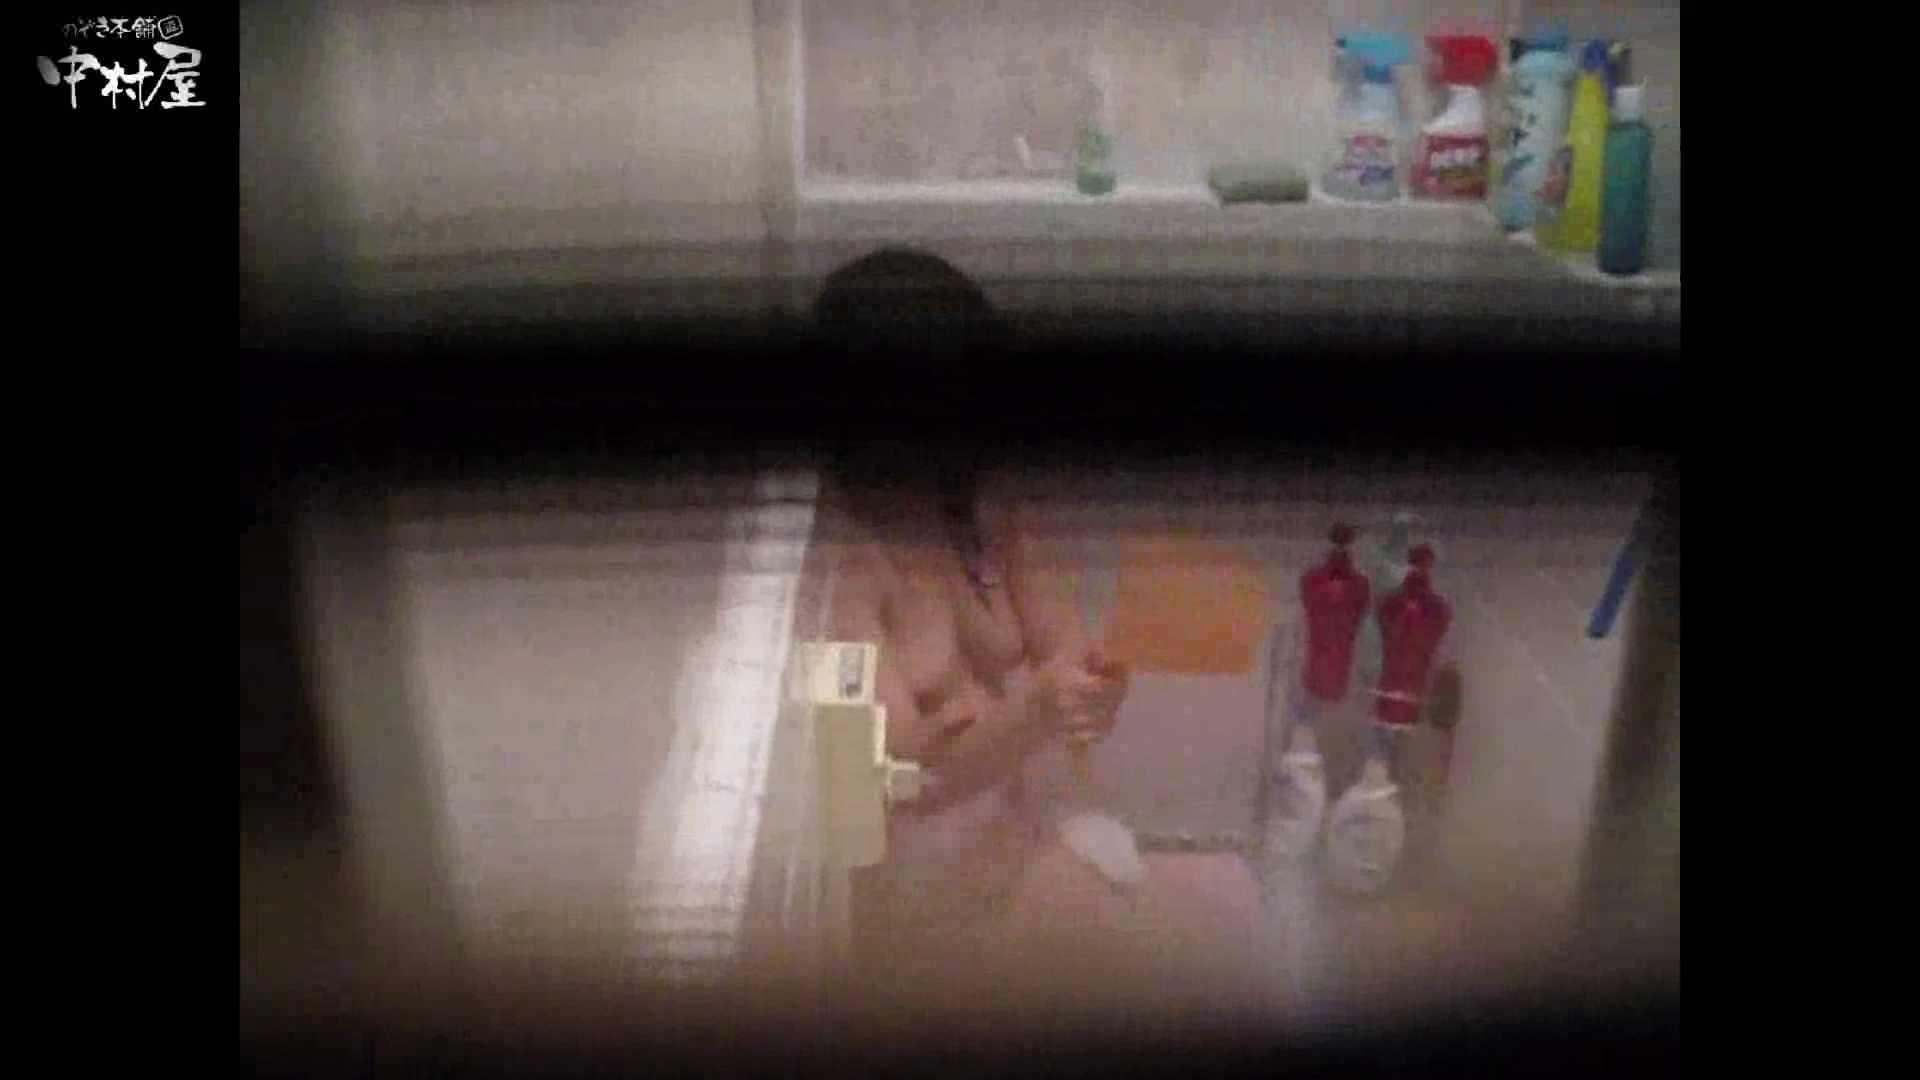 民家風呂専門盗撮師の超危険映像 vol.017 美少女エロ画像   股間満開  93PICs 43